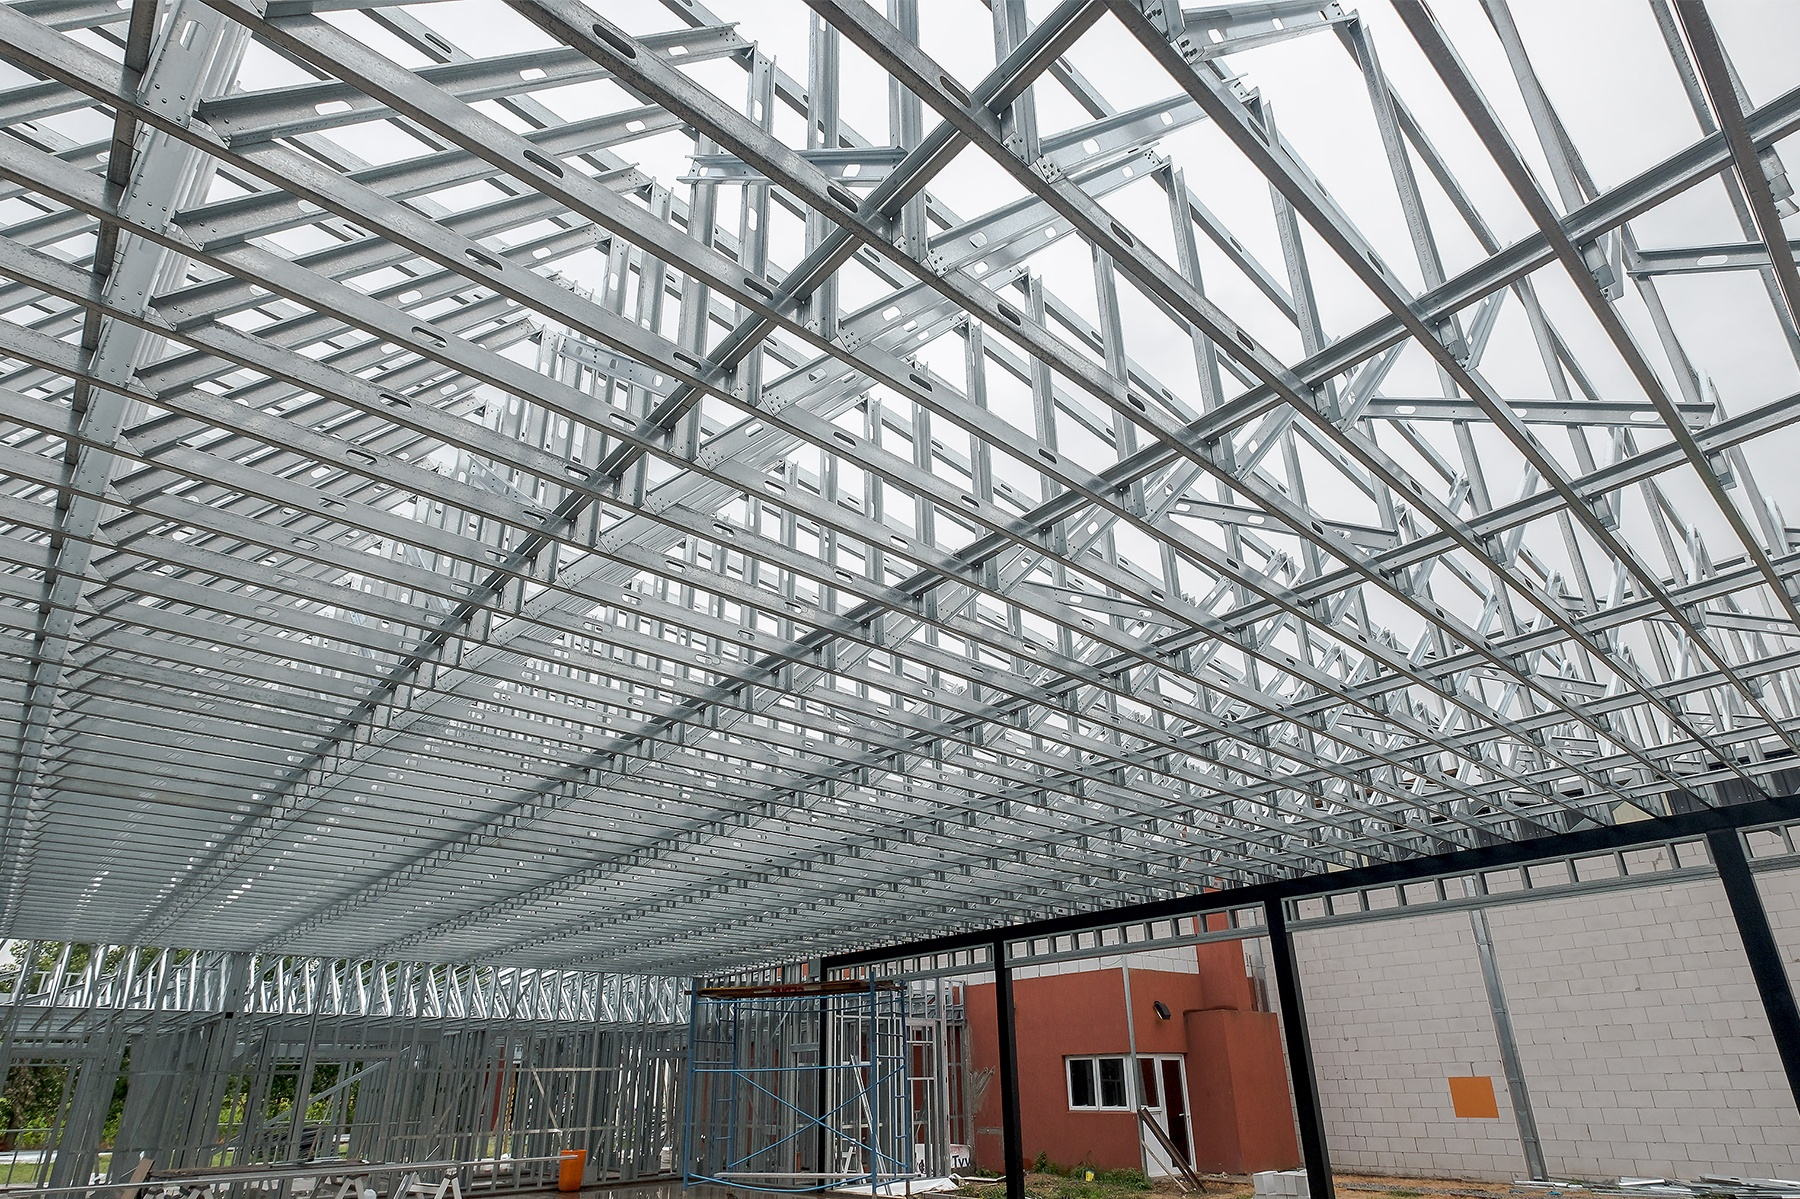 Ahorro energético con steel framing